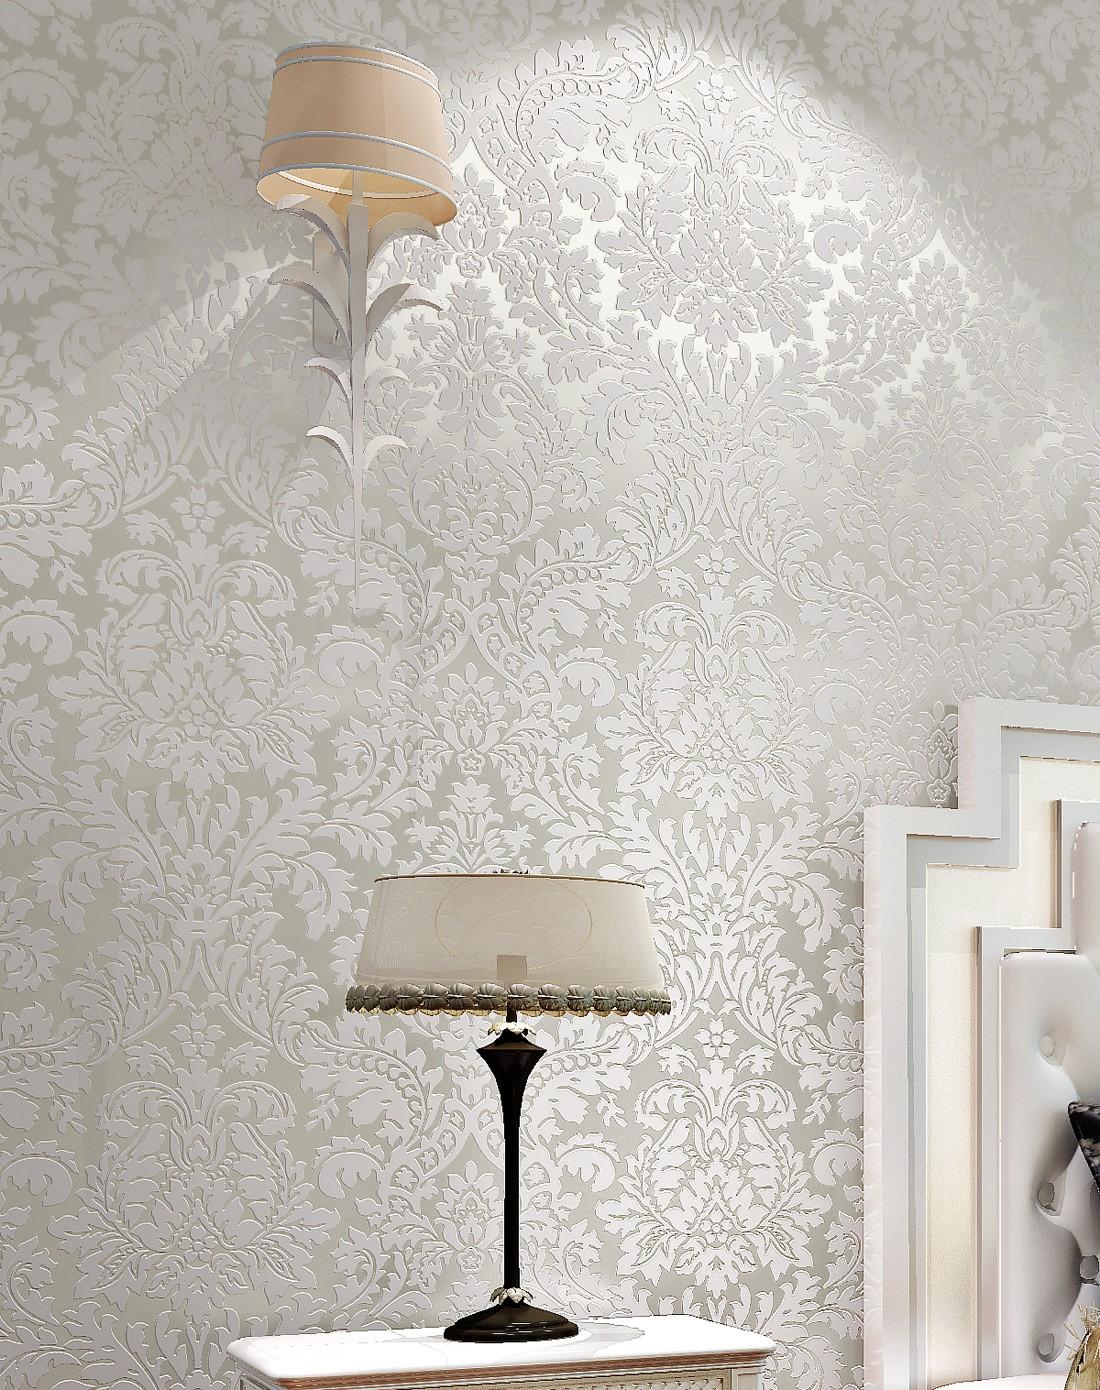 纸尚美学墙纸专场米白色3d植绒欧式简约大马士革墙纸